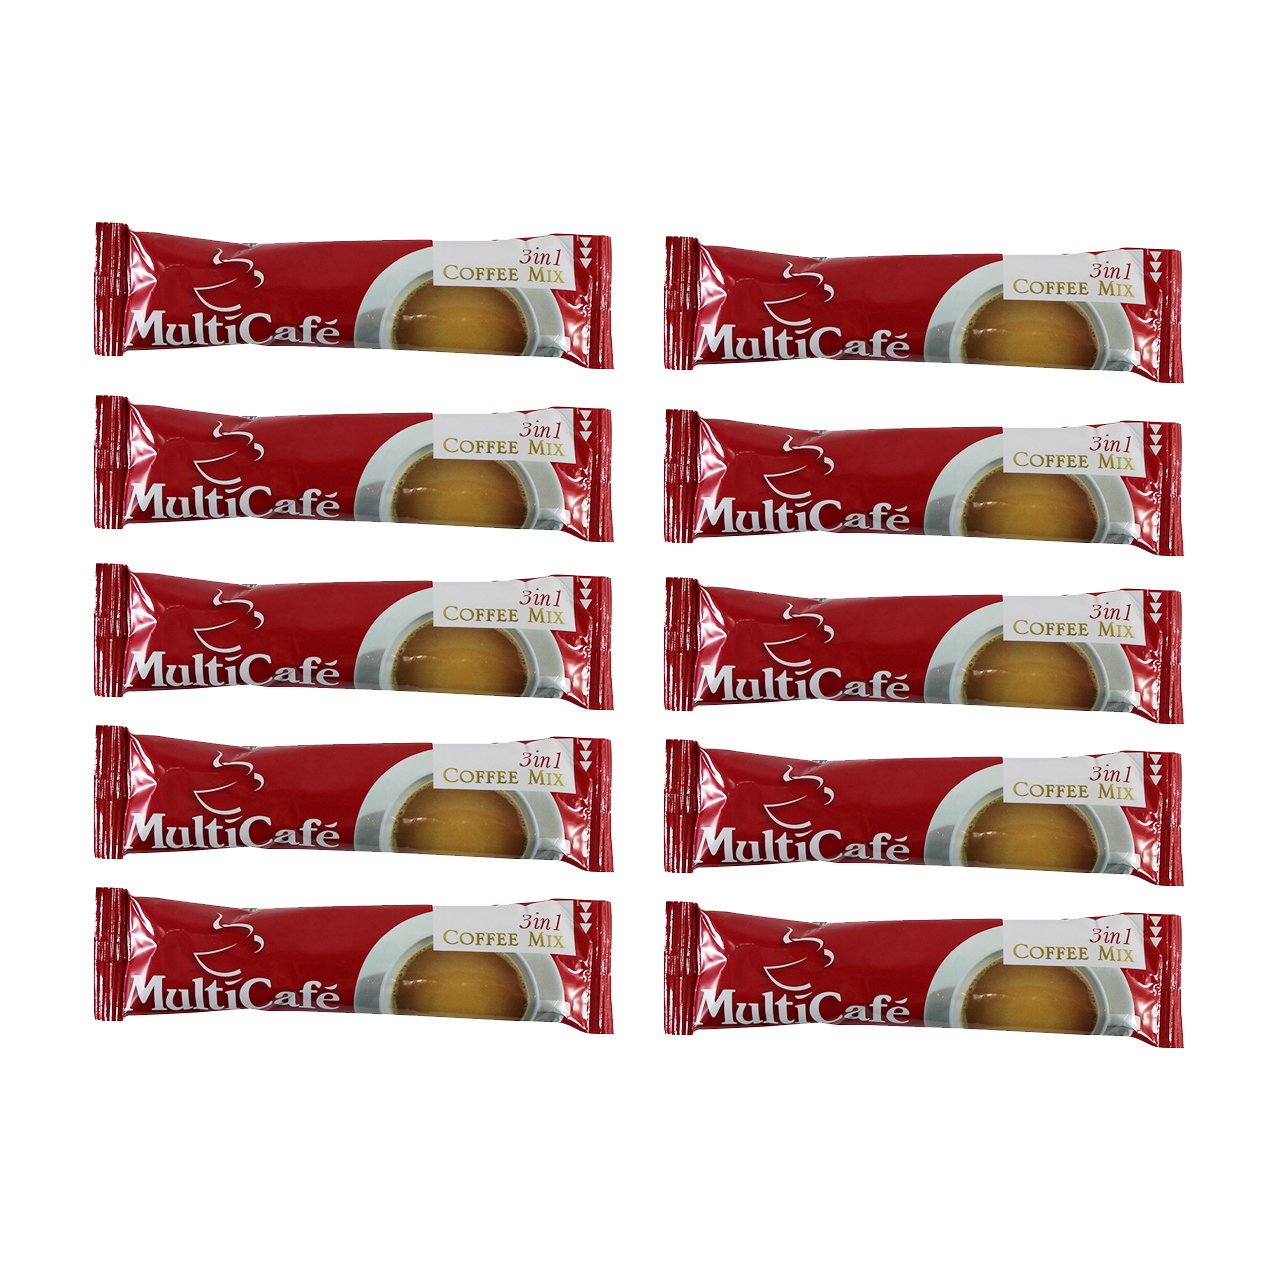 کافی میکس مولتی کافه بسته 10 عددی